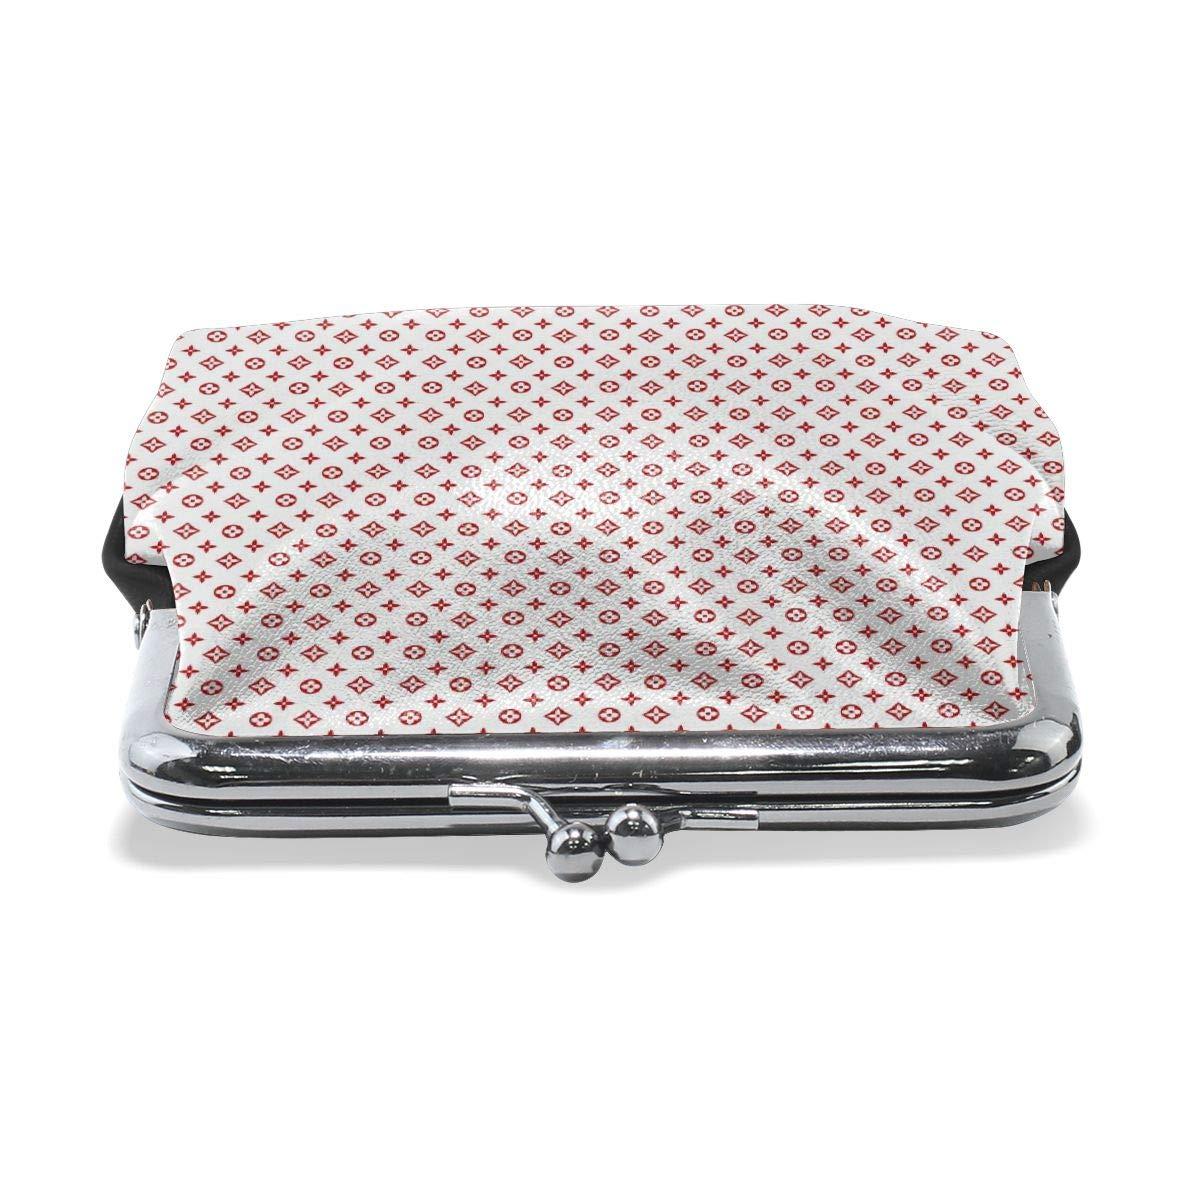 LoLVBag Womens Coin Purse Pochette F/élicie M61276 Vintage Pouch Clasp Closure Wallet Clutch Handbag Purse